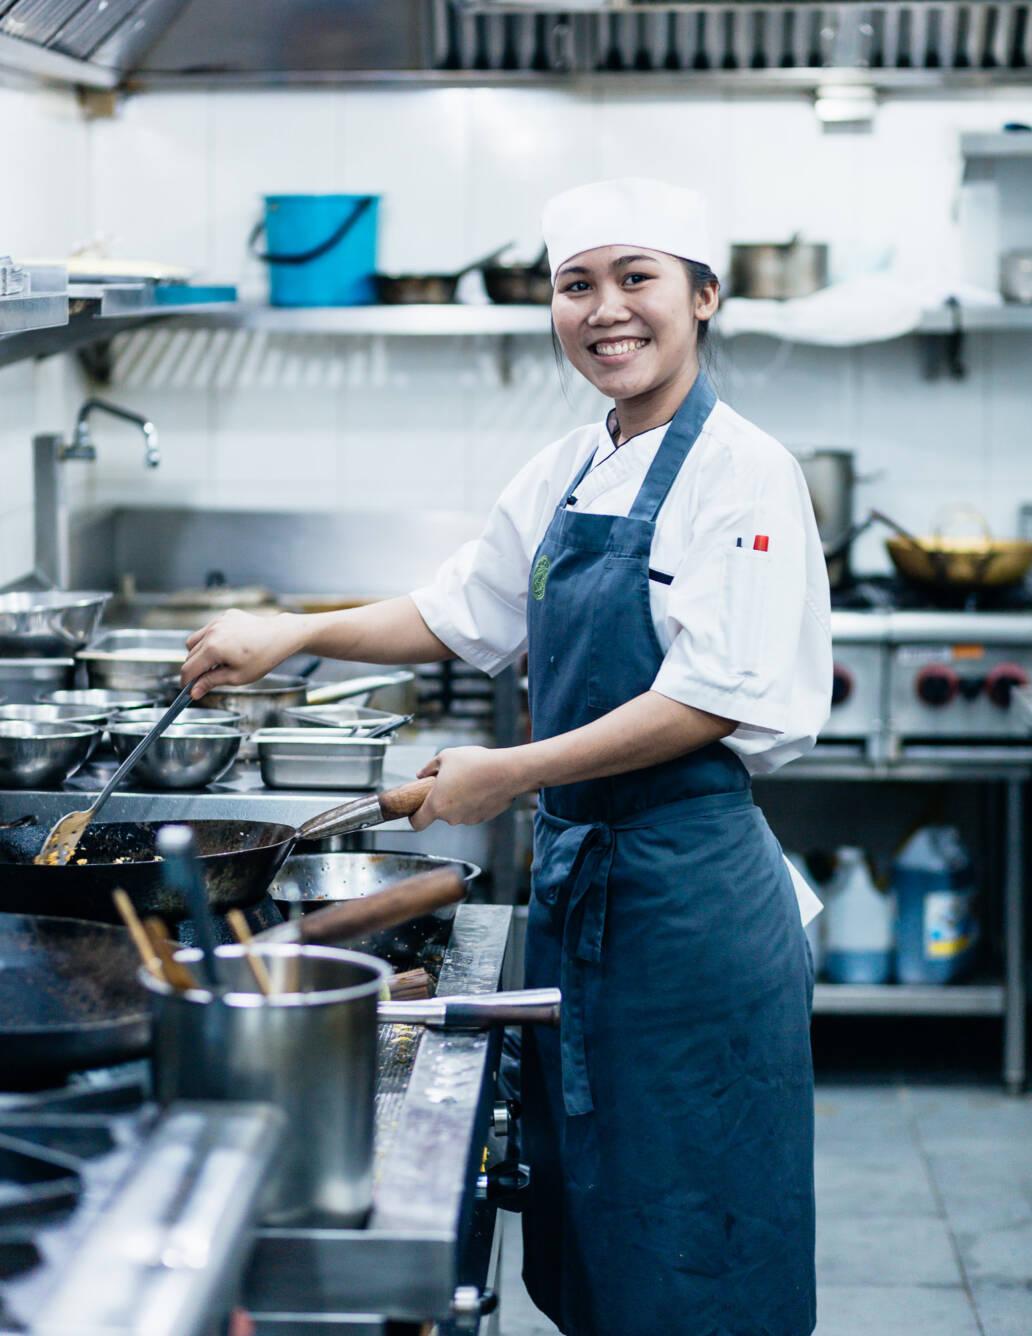 Kitchen — Staff Portrait at Restaurant Bolan